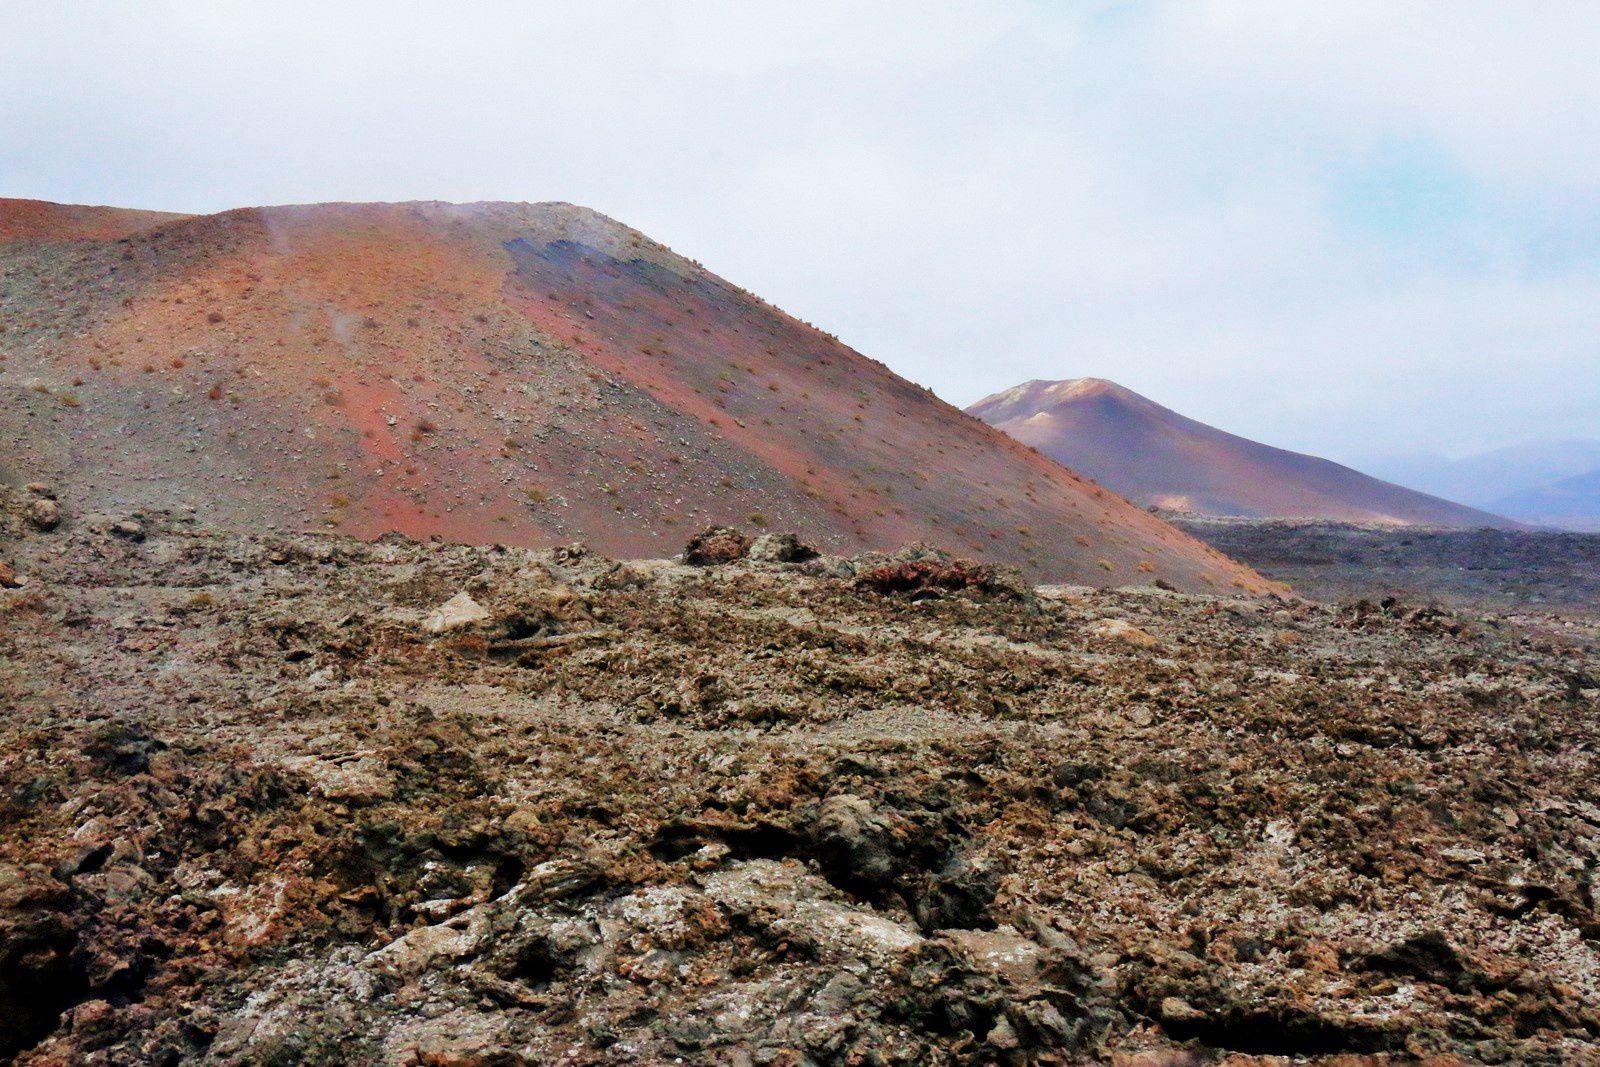 Montañas del Fuego, la route des volcans (Canaries)